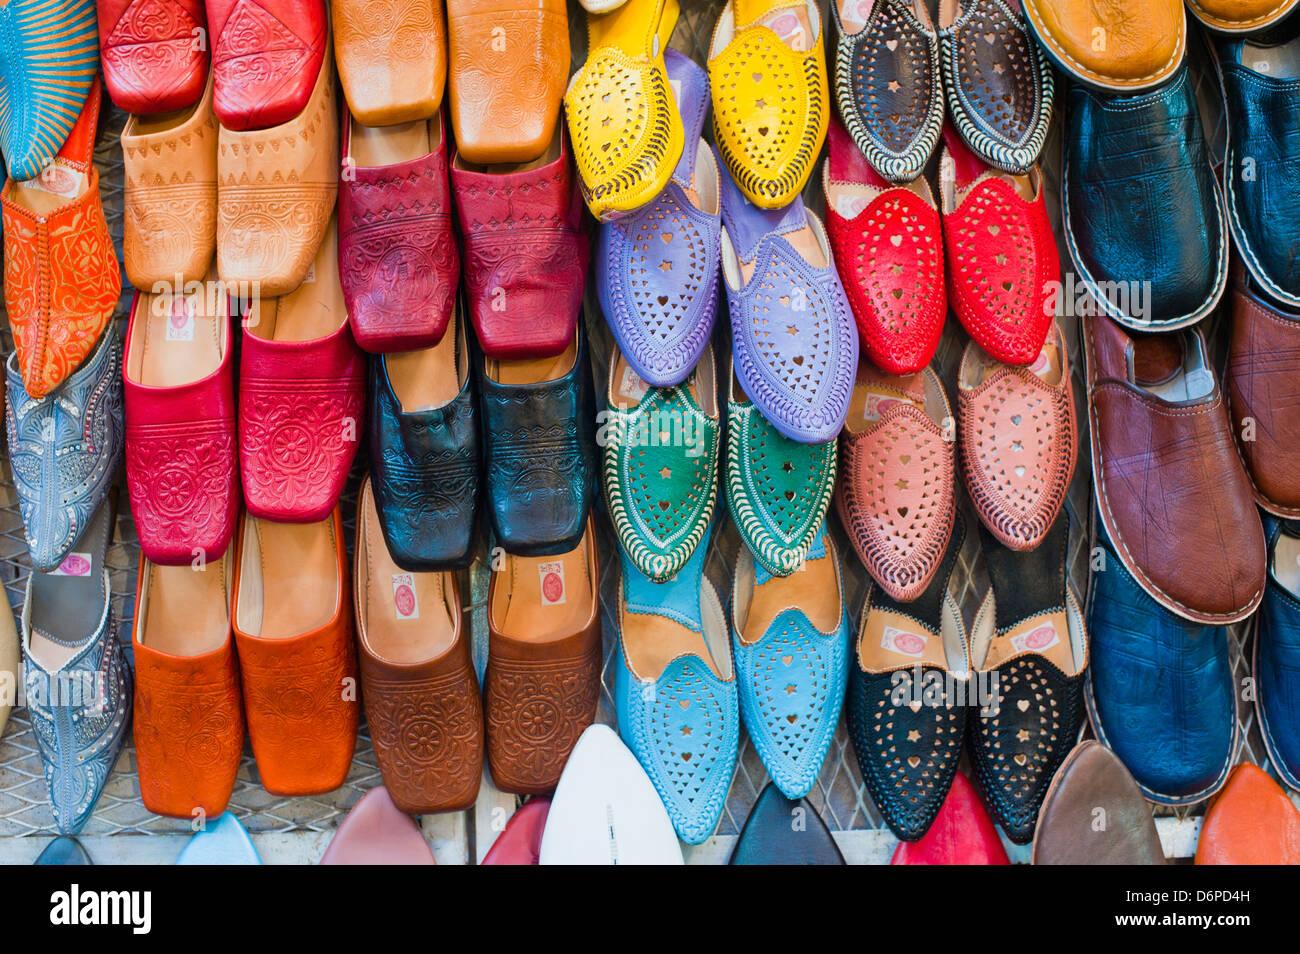 Colorido babouche (mens leather zapatillas) en los zocos de Marrakech, Place Djemaa El Fna en Marrakech, Marruecos, Imagen De Stock